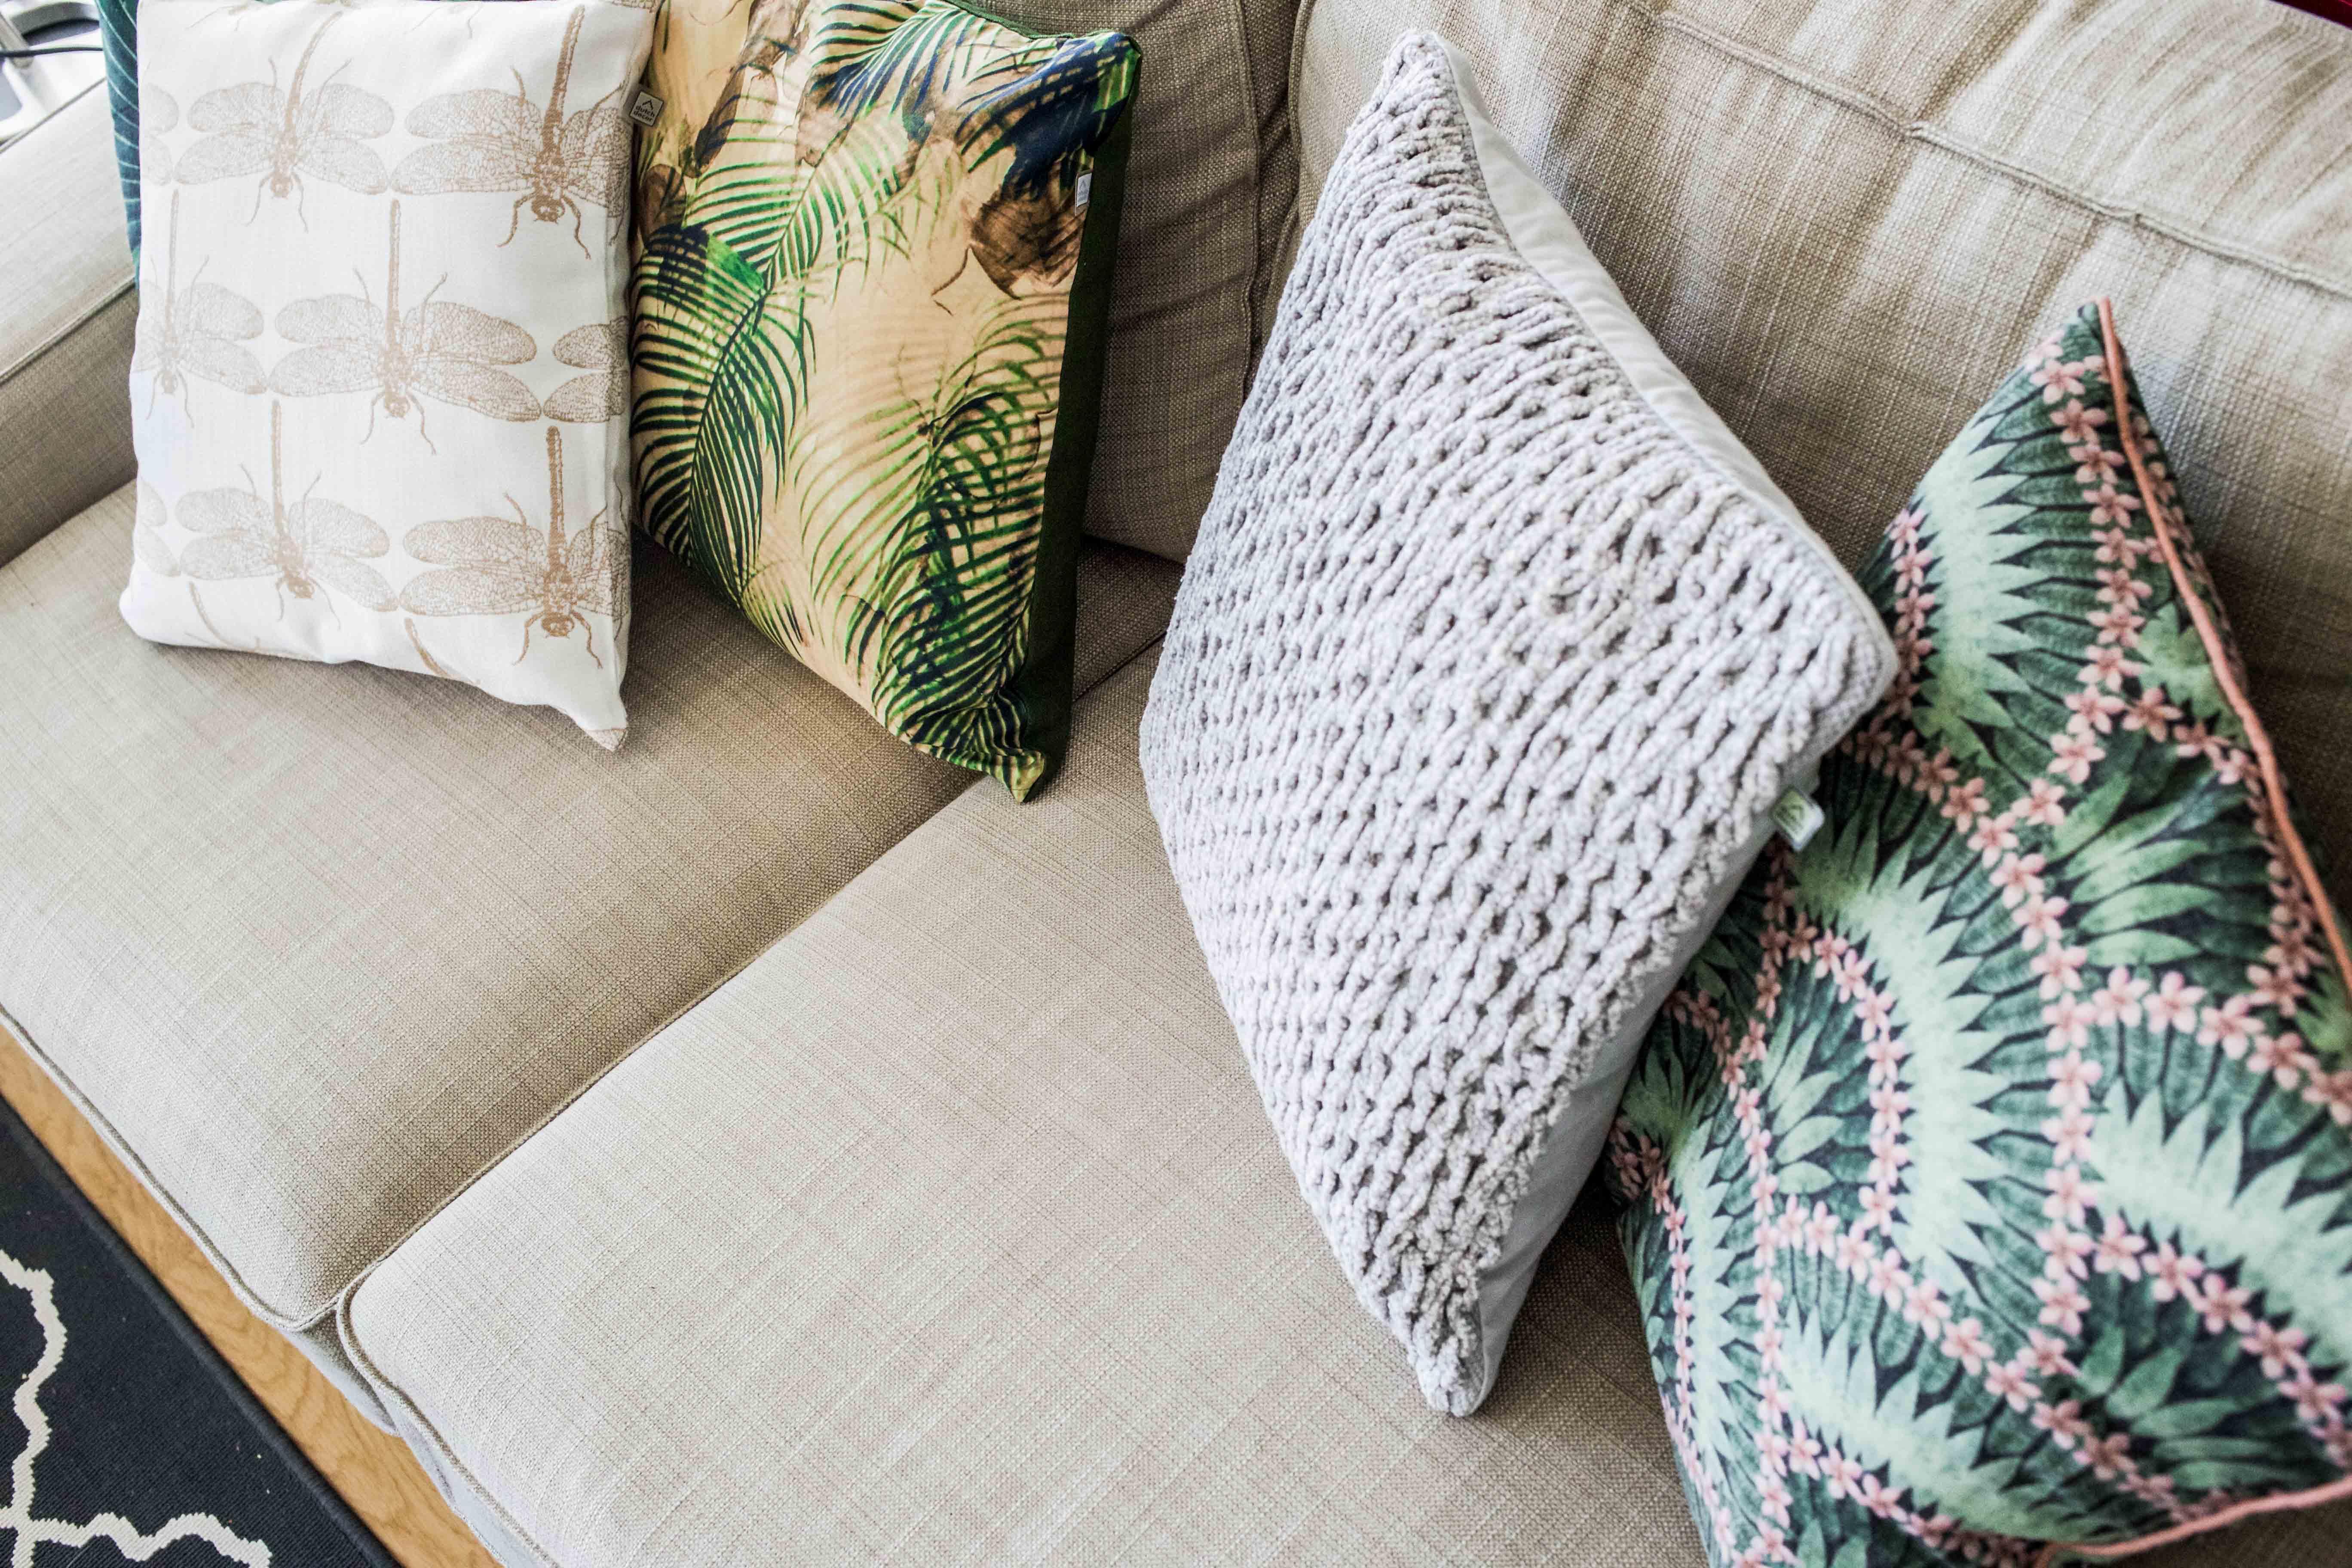 sofa-kissen-jungle-look-interior-inspiration-möbel-einrichtung_8296